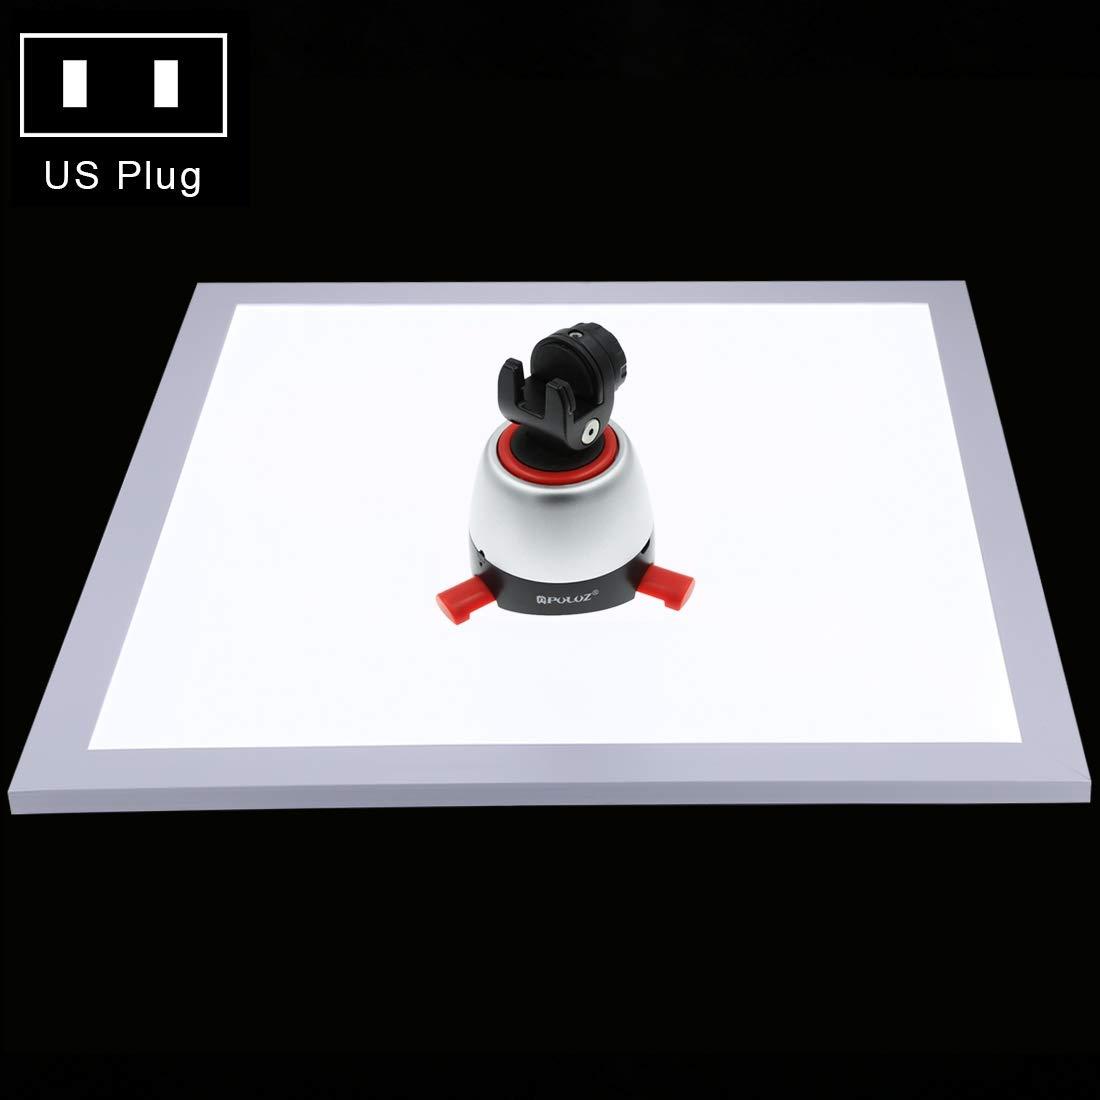 KANEED LED ビデオライト PULUZ 1200LM LED写真シャドウレスライトランプパネルパッド、アクリル素材、ポーラー調光なし、34.7cm x 34.7cm有効エリア 撮影用定常光ライト   B07QMS4JC3